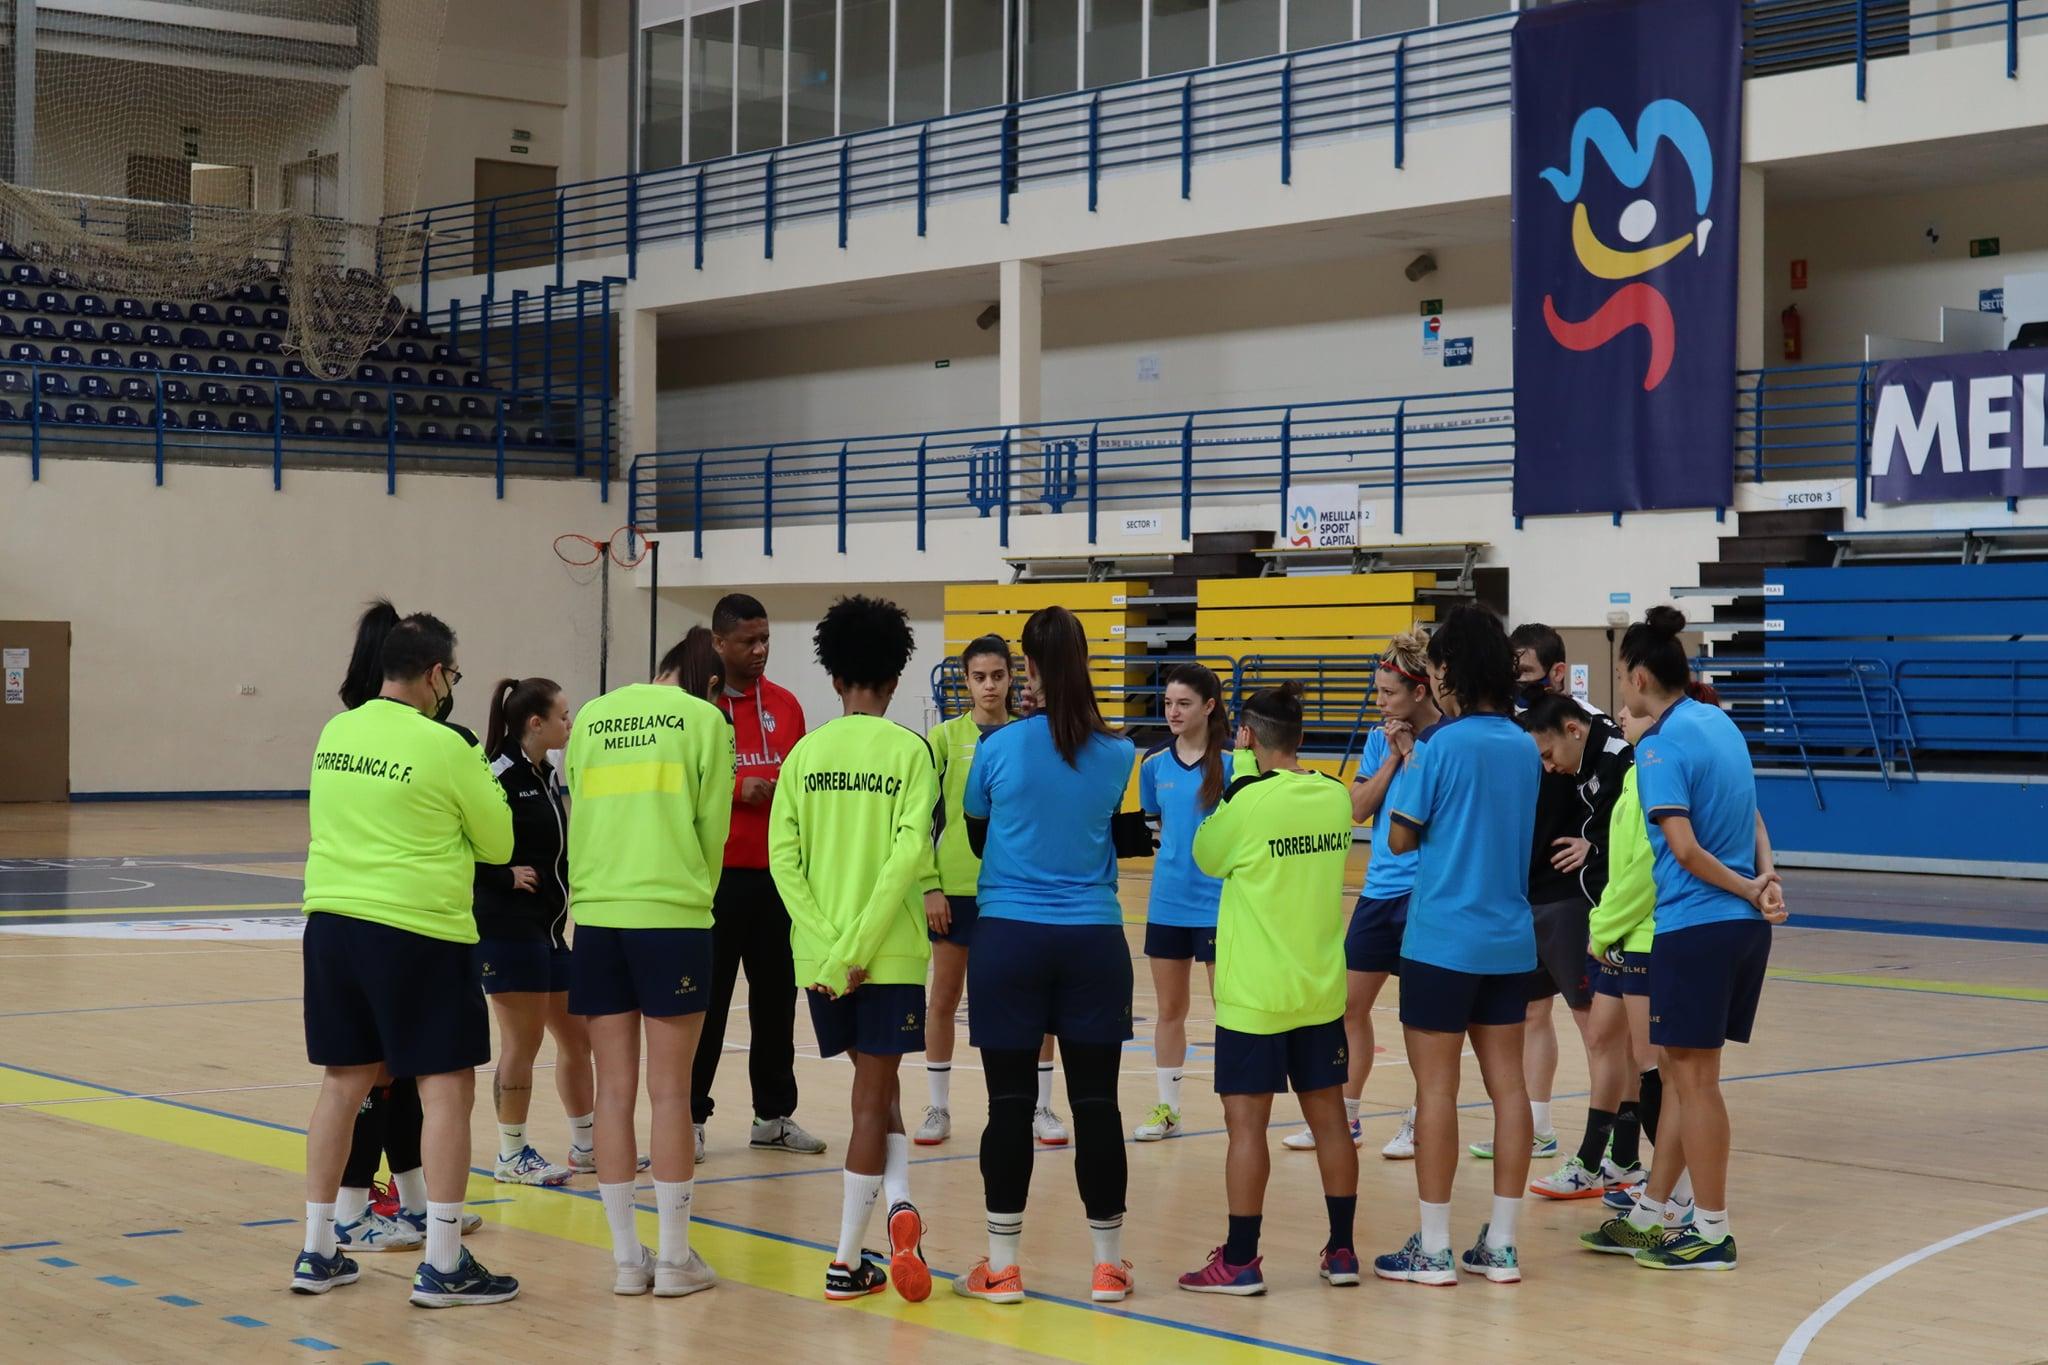 MSC Torreblanca Melilla vuelve al trabajo tras unos días de celebraciones por el Subcampeonato de Copa de la Reina